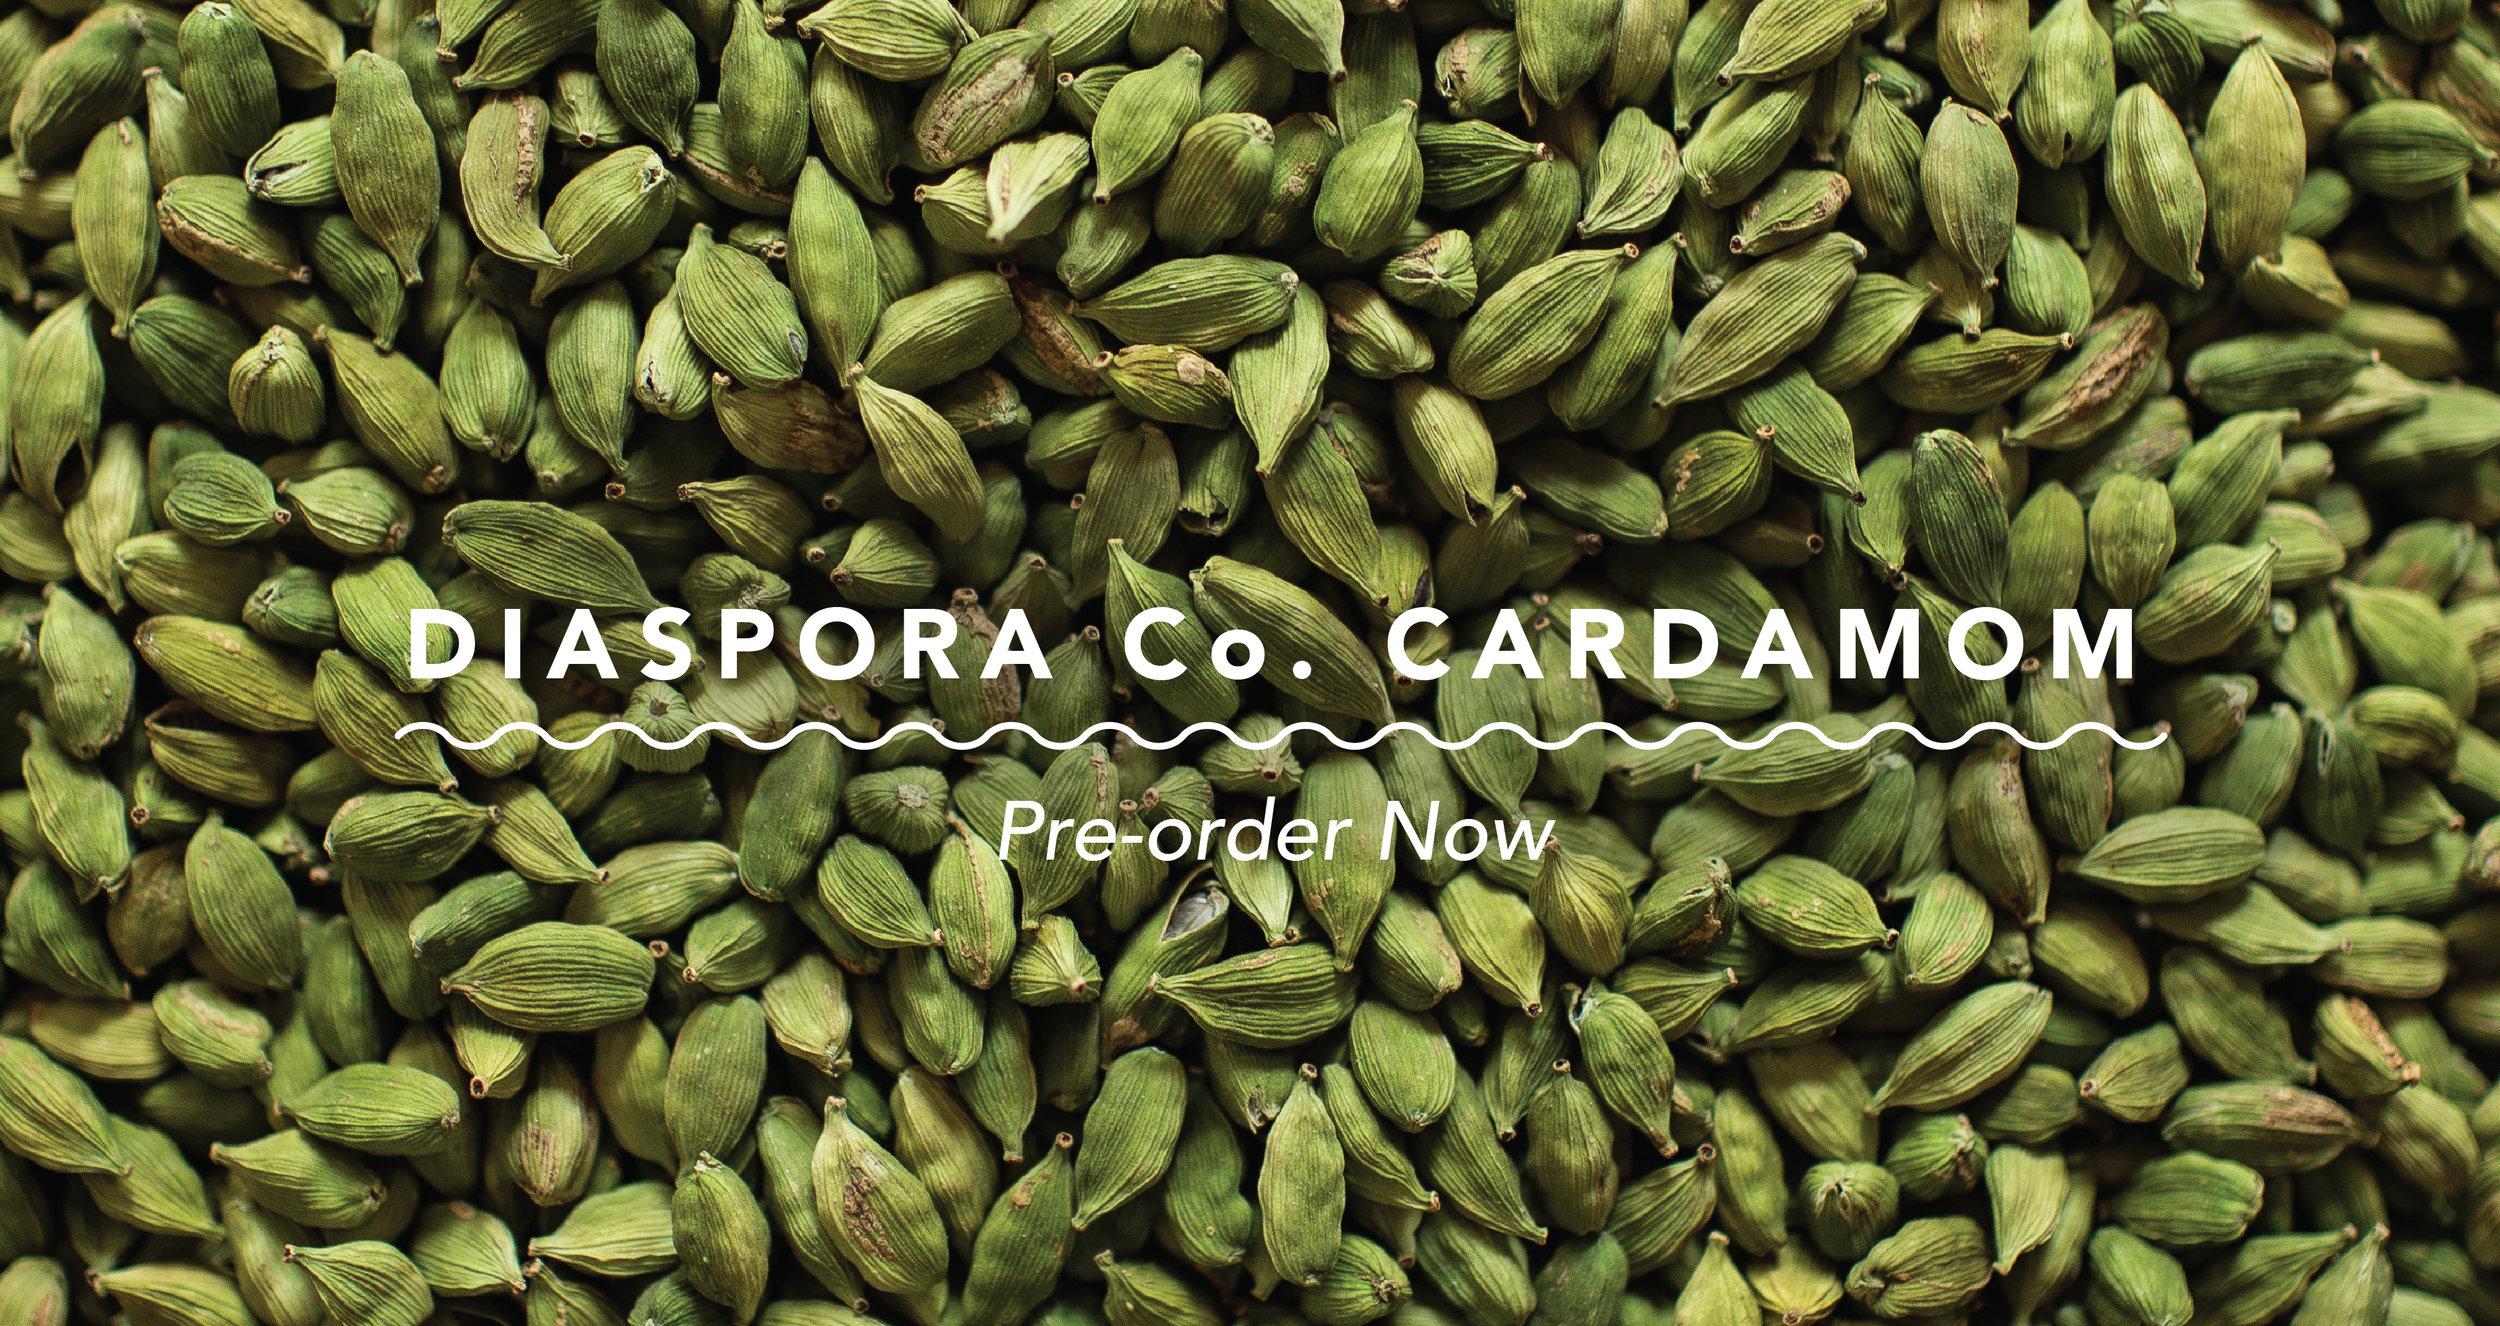 Cardamom-PreorderNow.jpg